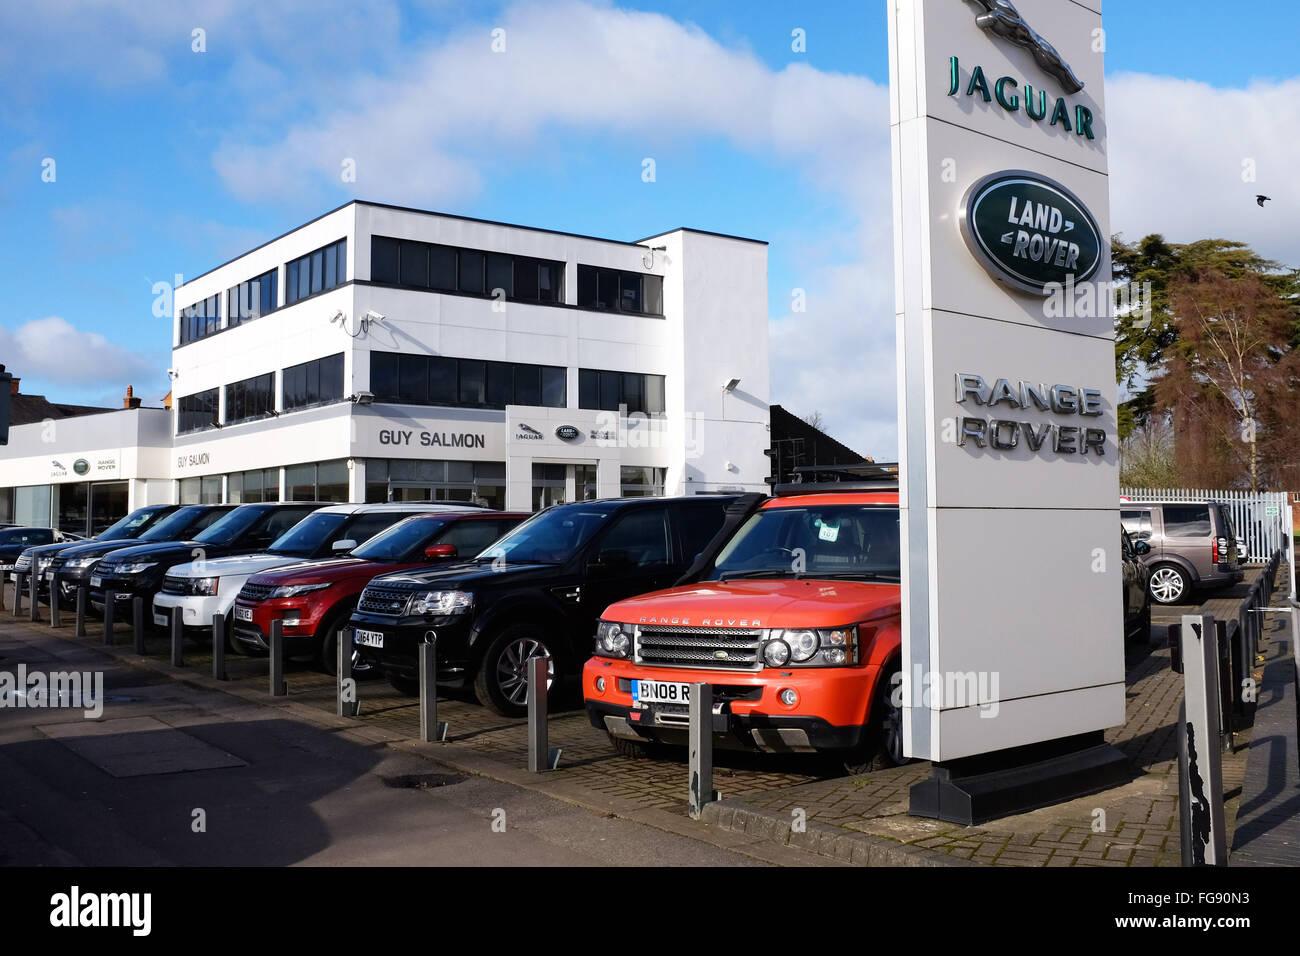 Jaguar Land Rover Uk Stock Photos Jaguar Land Rover Uk Stock - Jag land rover